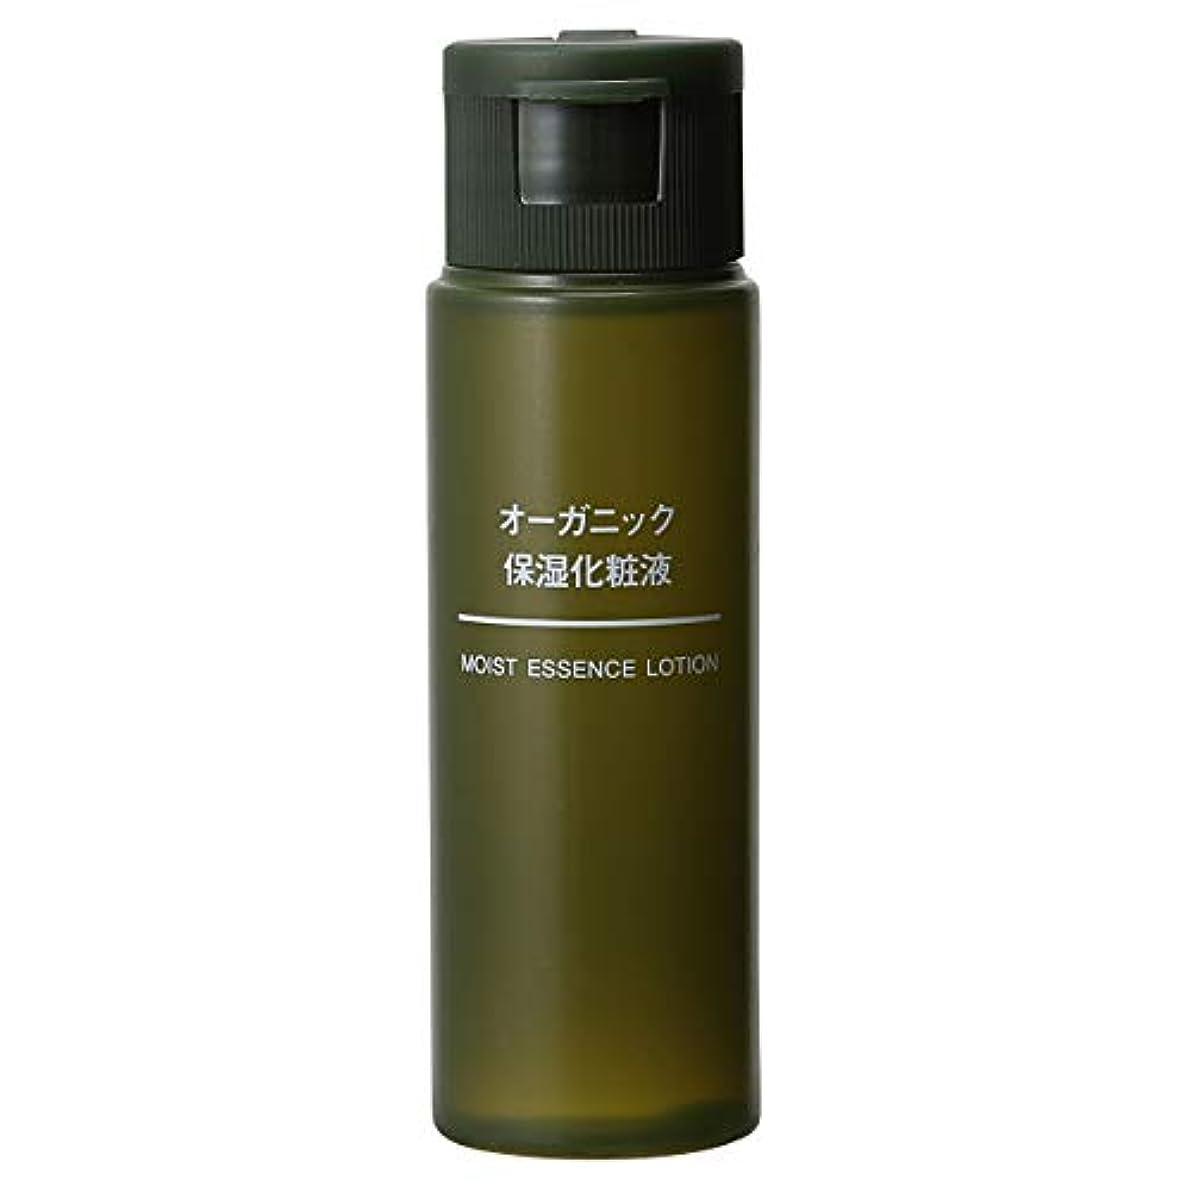 構想するラリーベルモントパーツ無印良品 オーガニック保湿化粧液(携帯用) 50ml